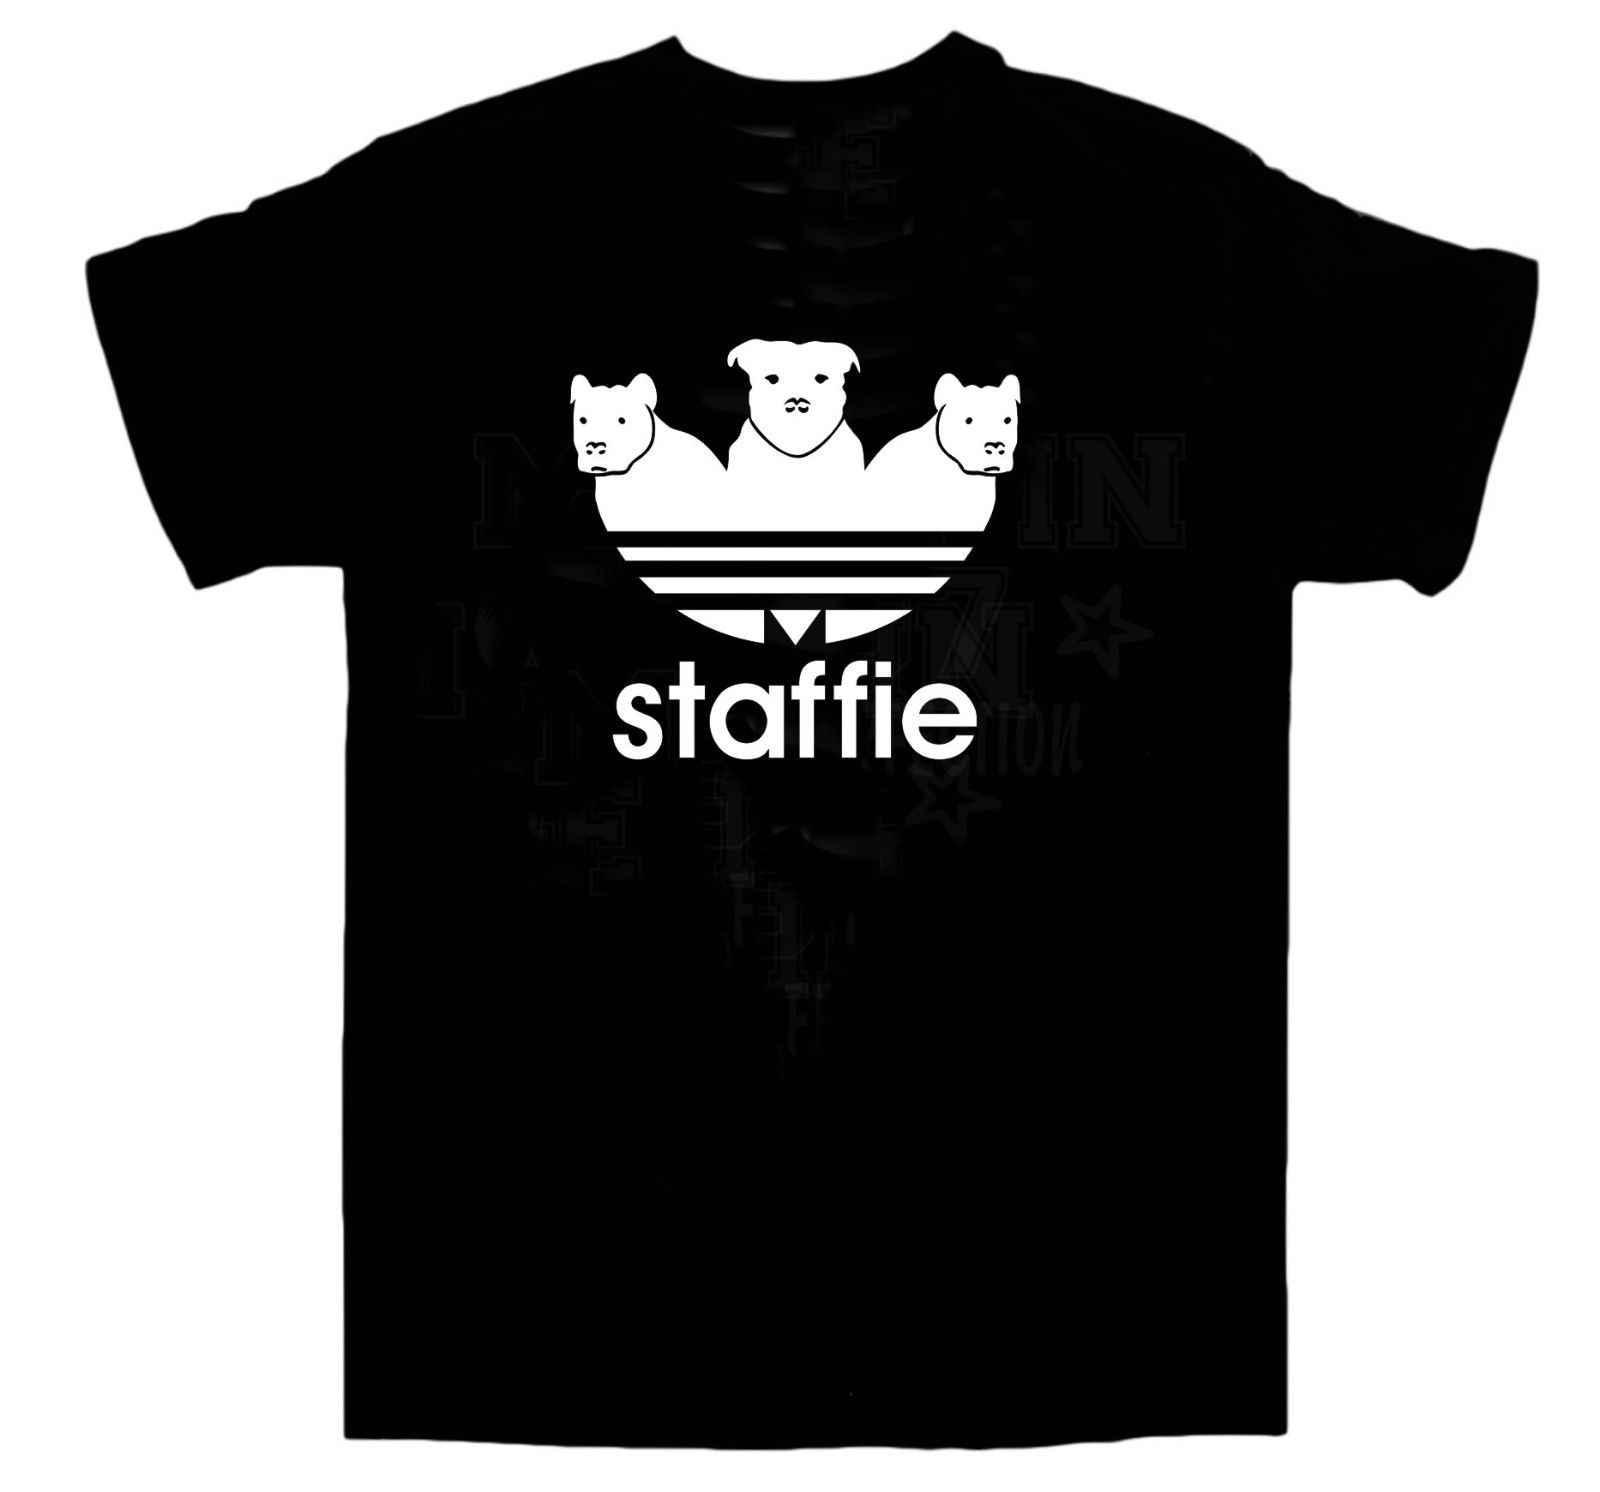 Addidas Spoof Staiffie футболка для собак/Chav/Спорт/День рождения/Рождество/все размеры мужской хип-хоп Забавные футболки дешевые оптом